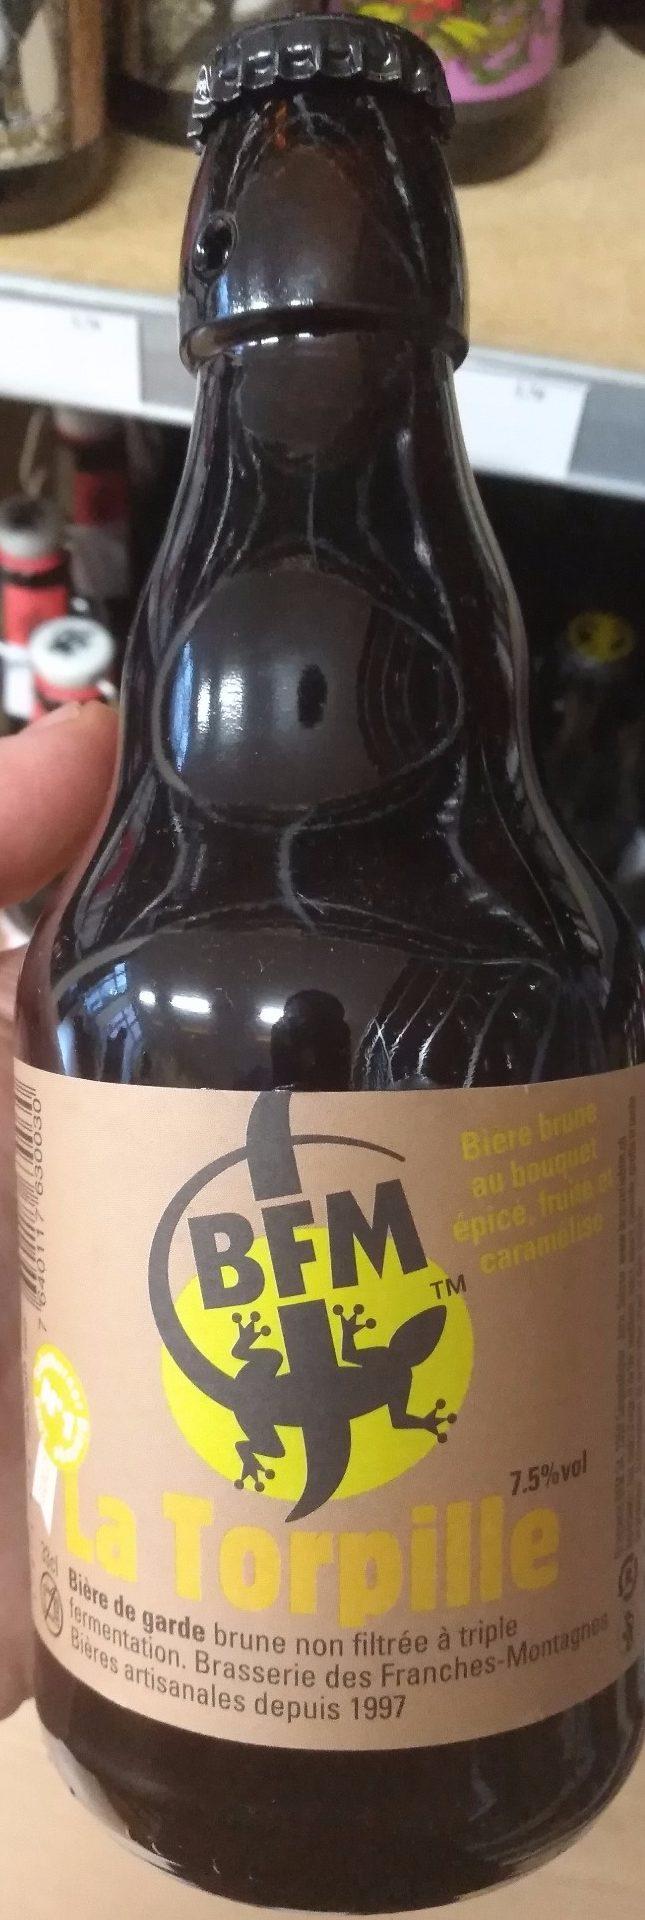 BFM, La torpille - Product